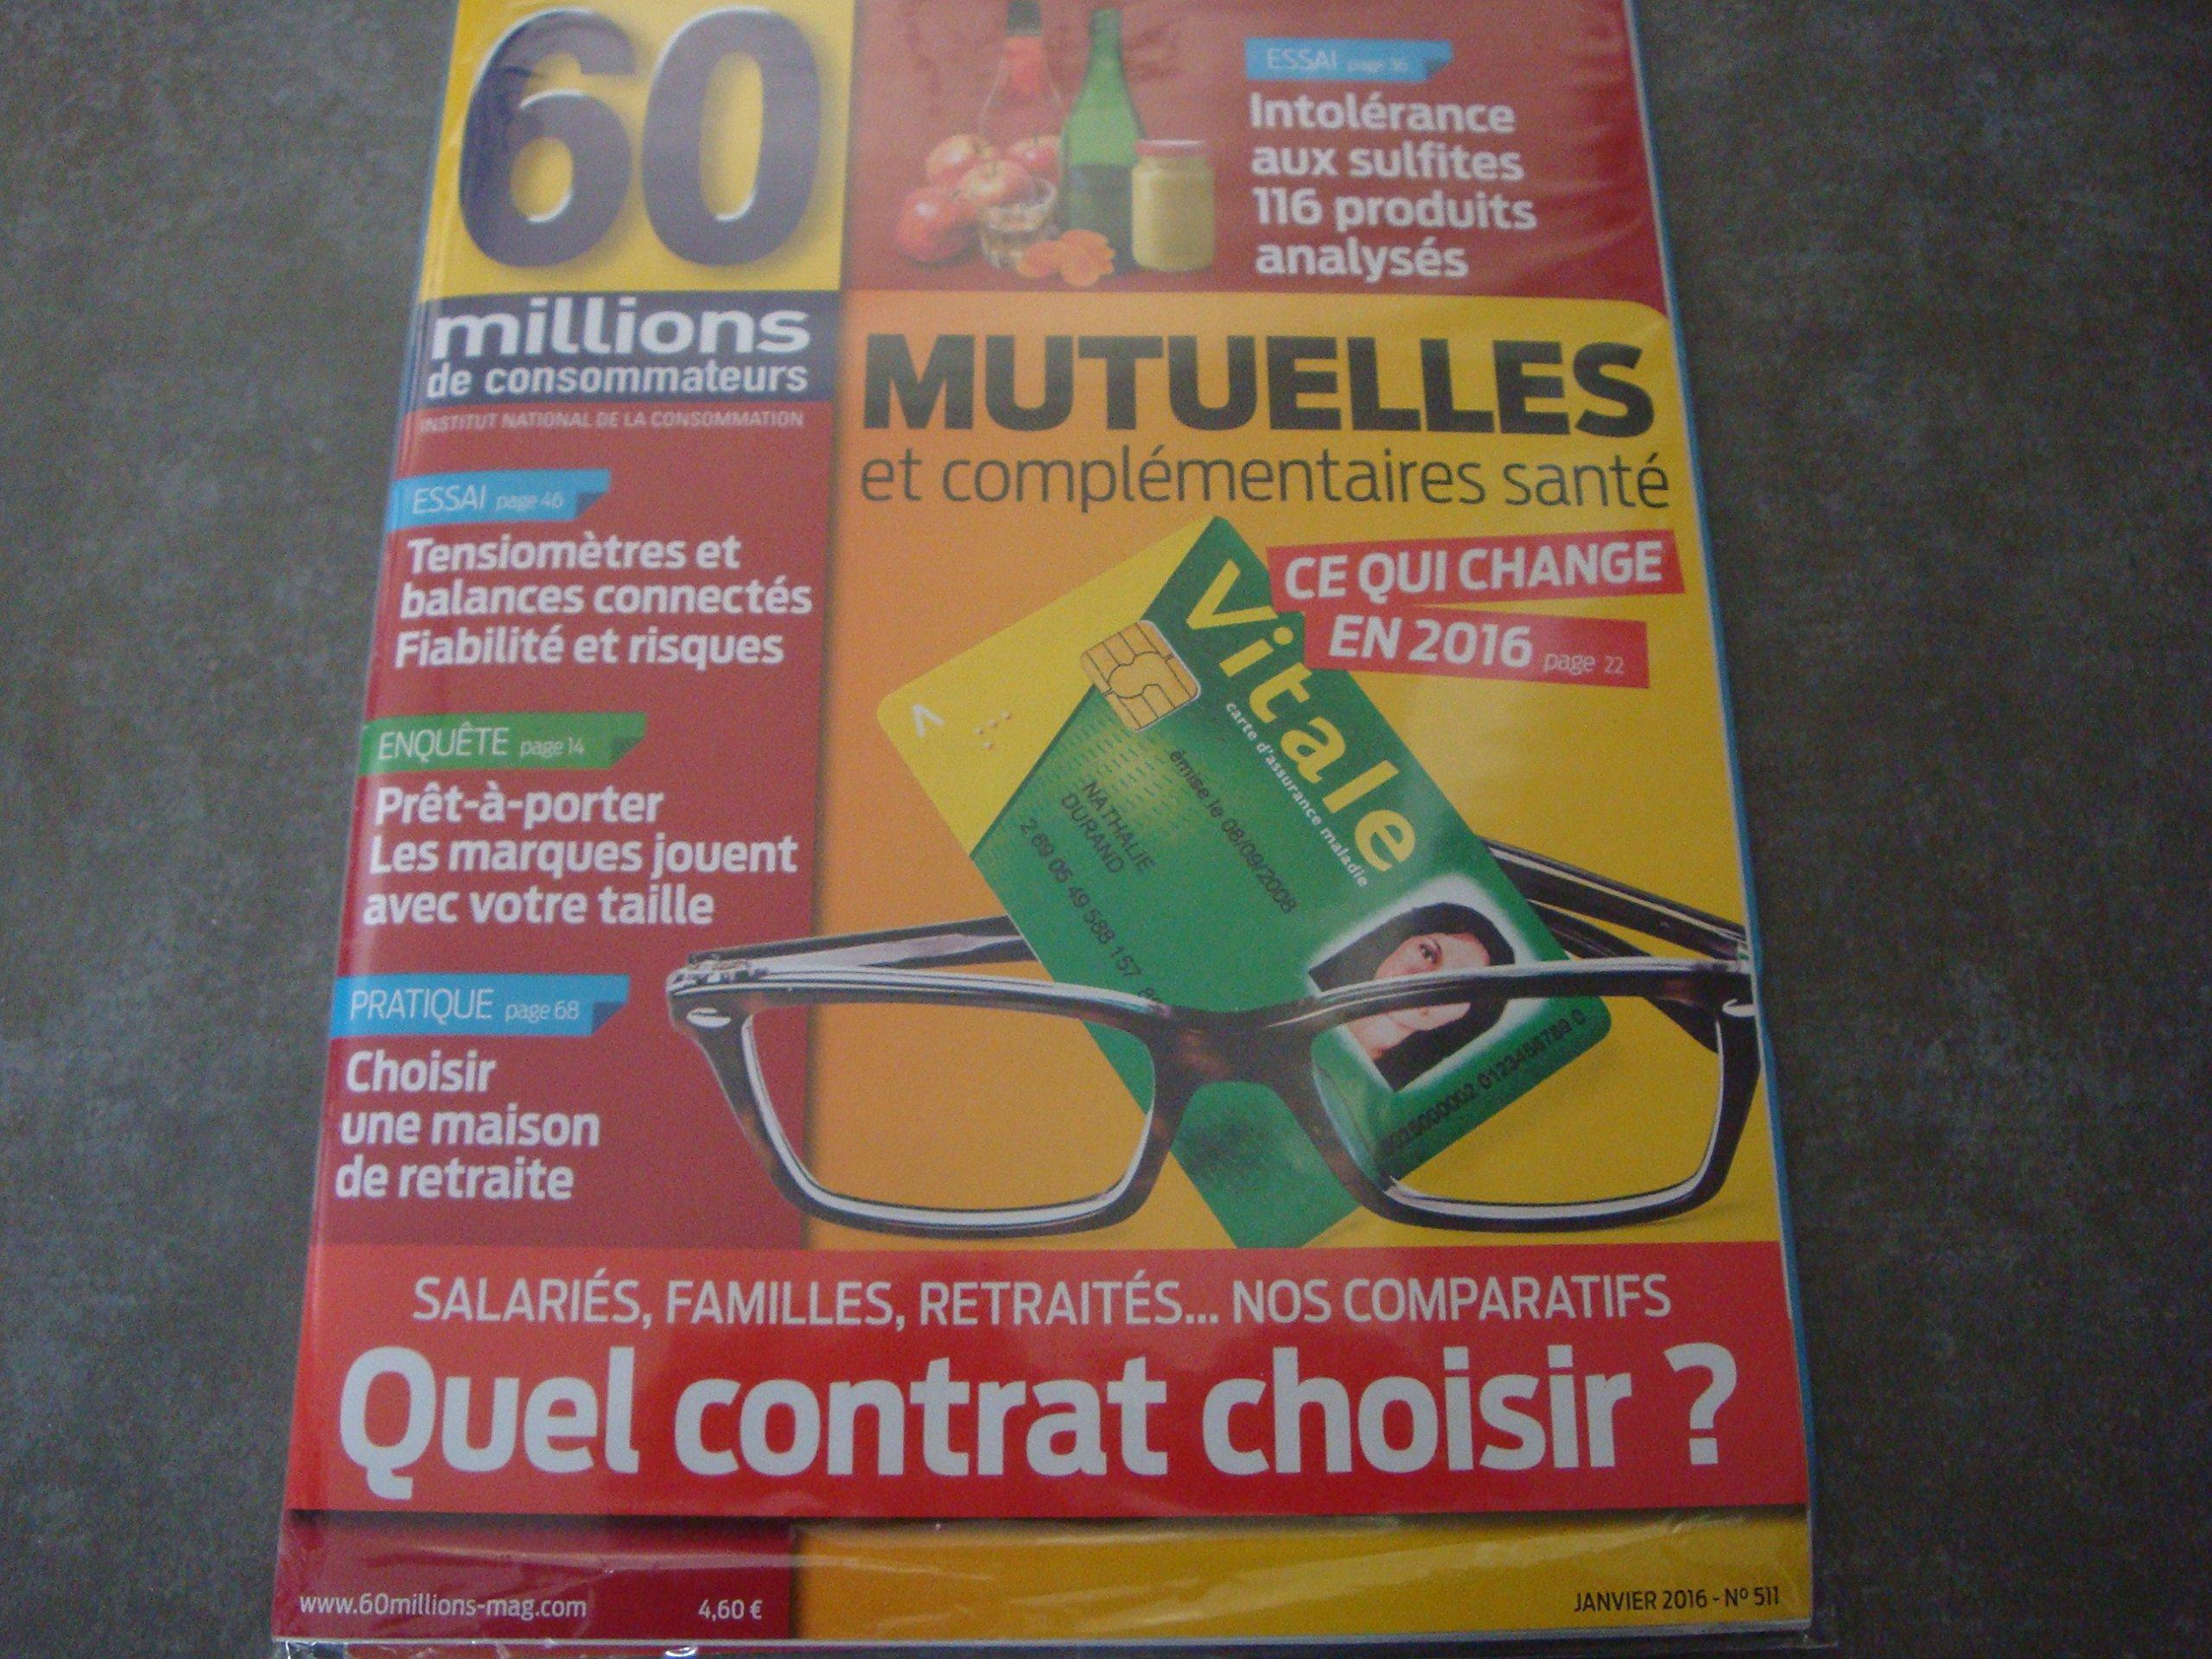 Amazon.fr - 60 MILLIONS DE CONSOMMATEURS N°511 !!